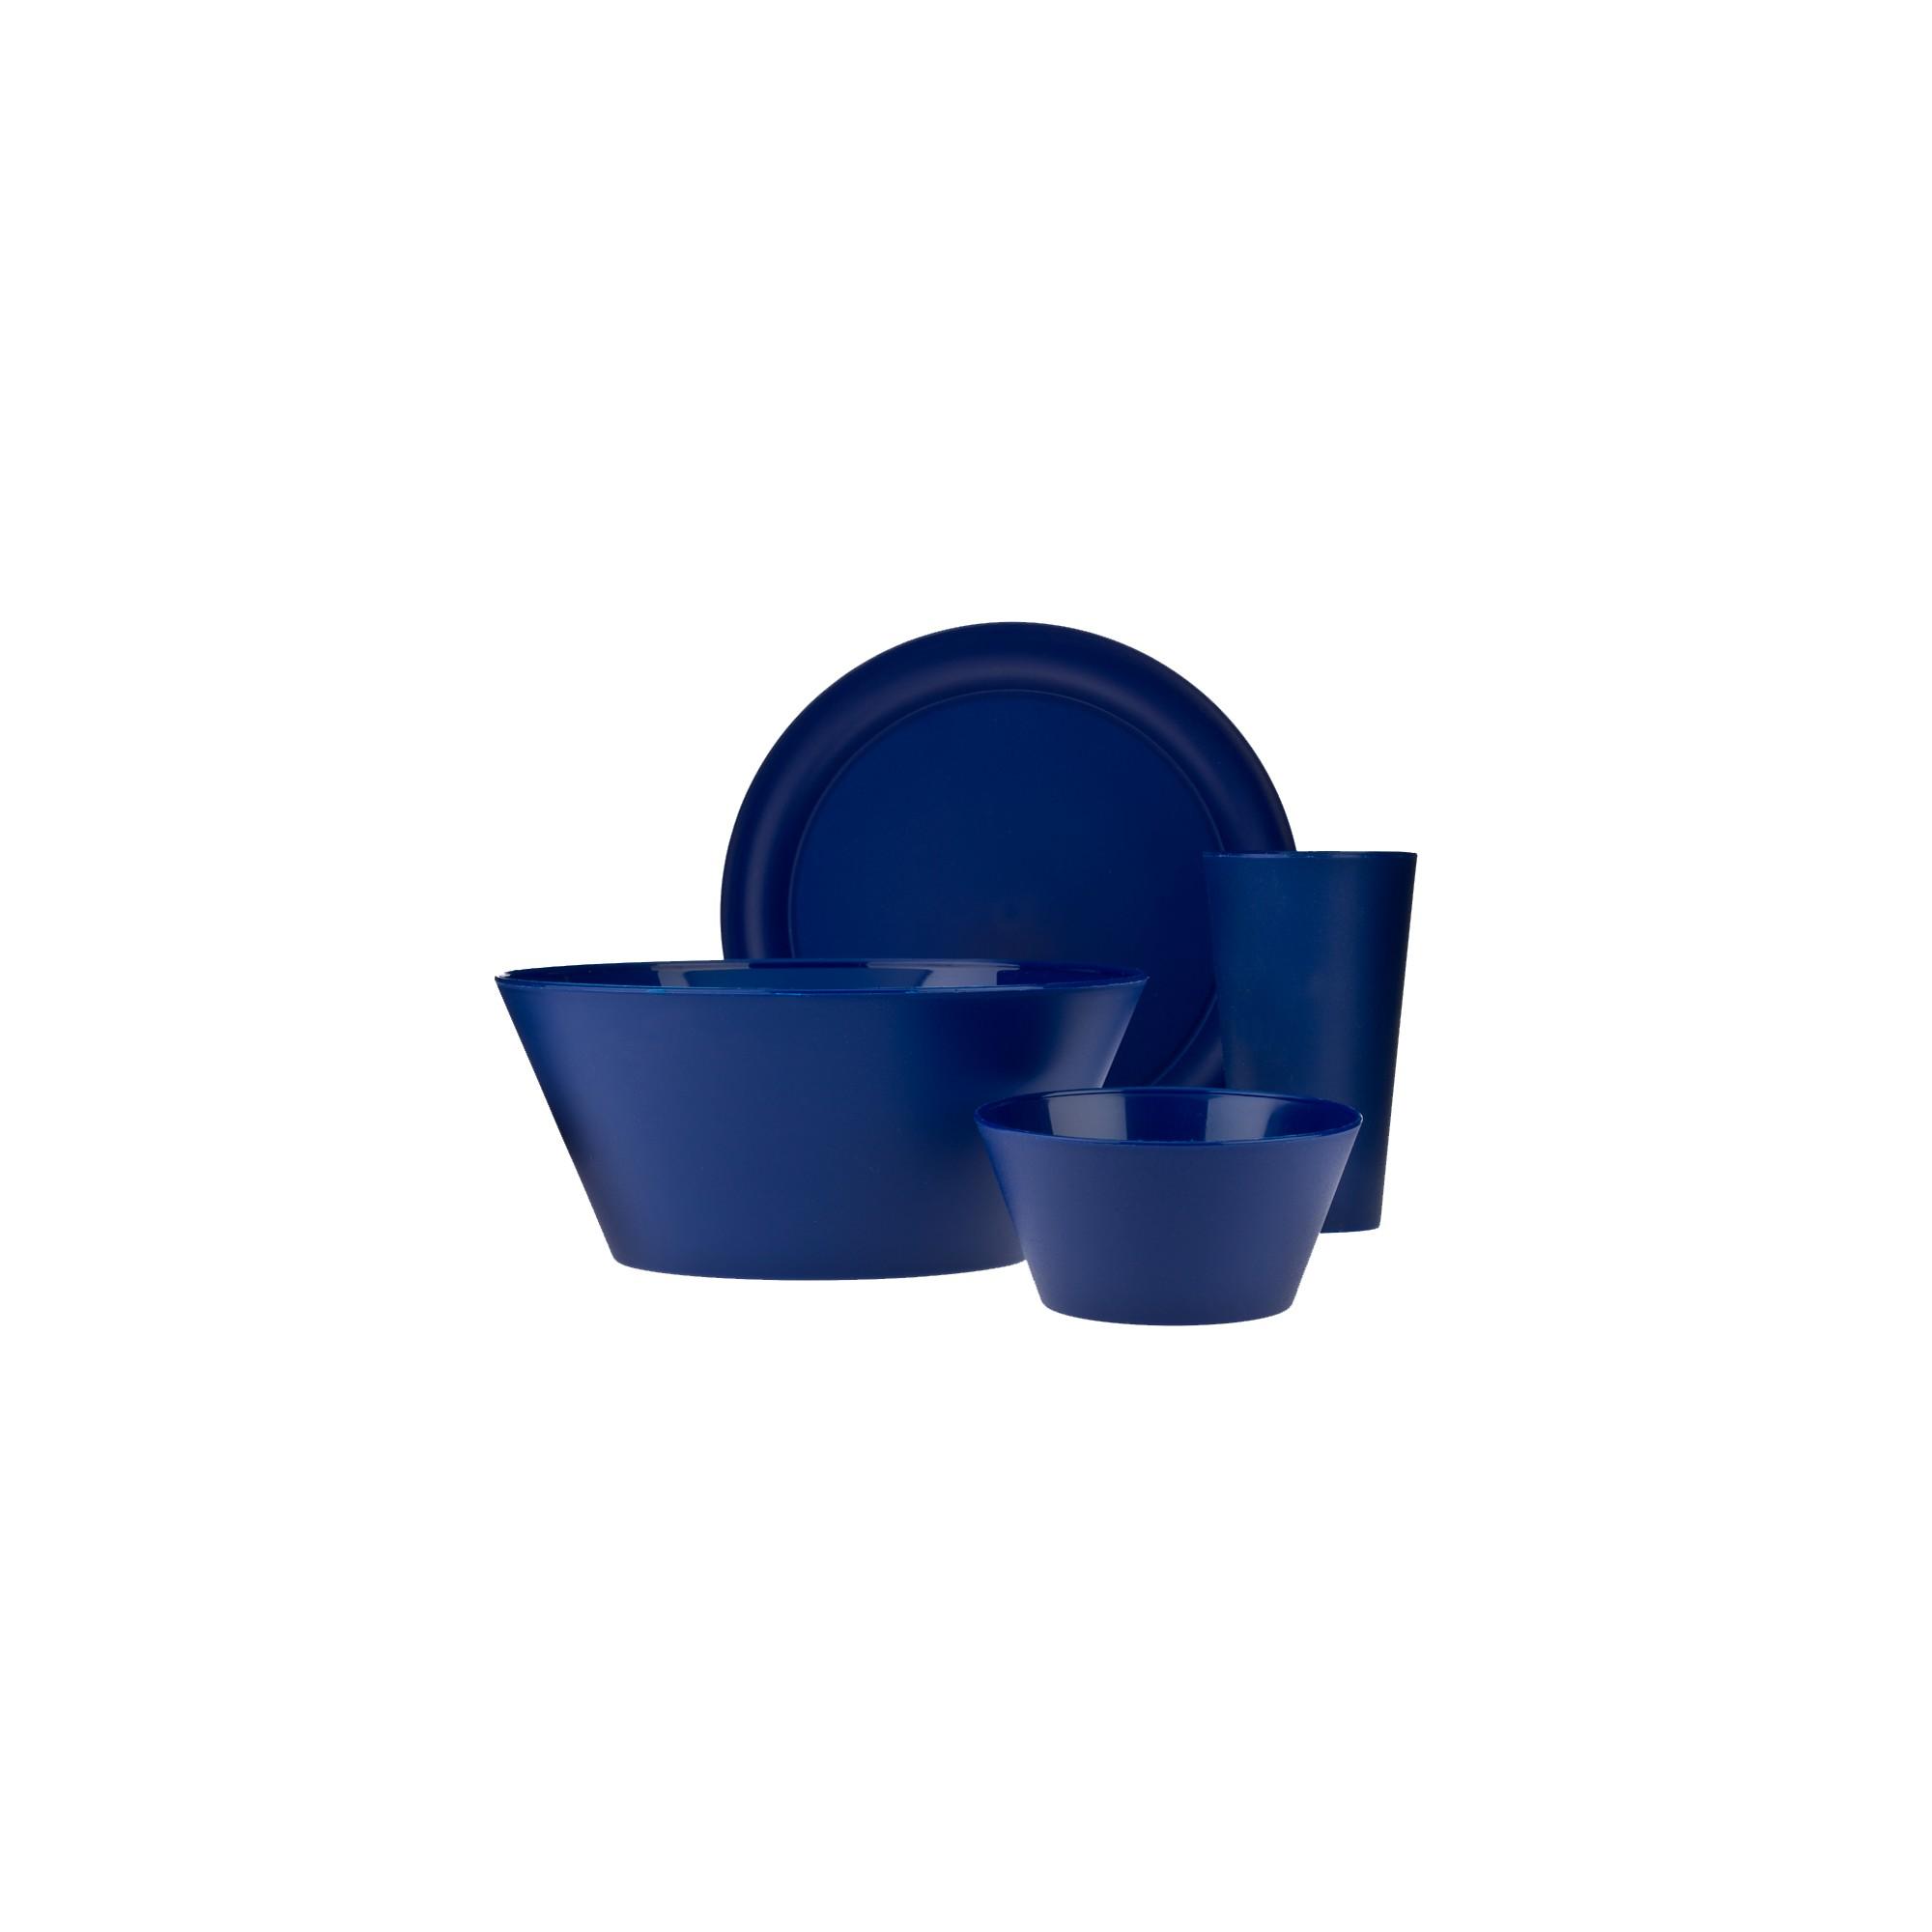 CreativeWare Plastic 13pc Dinnerware Set - Navy